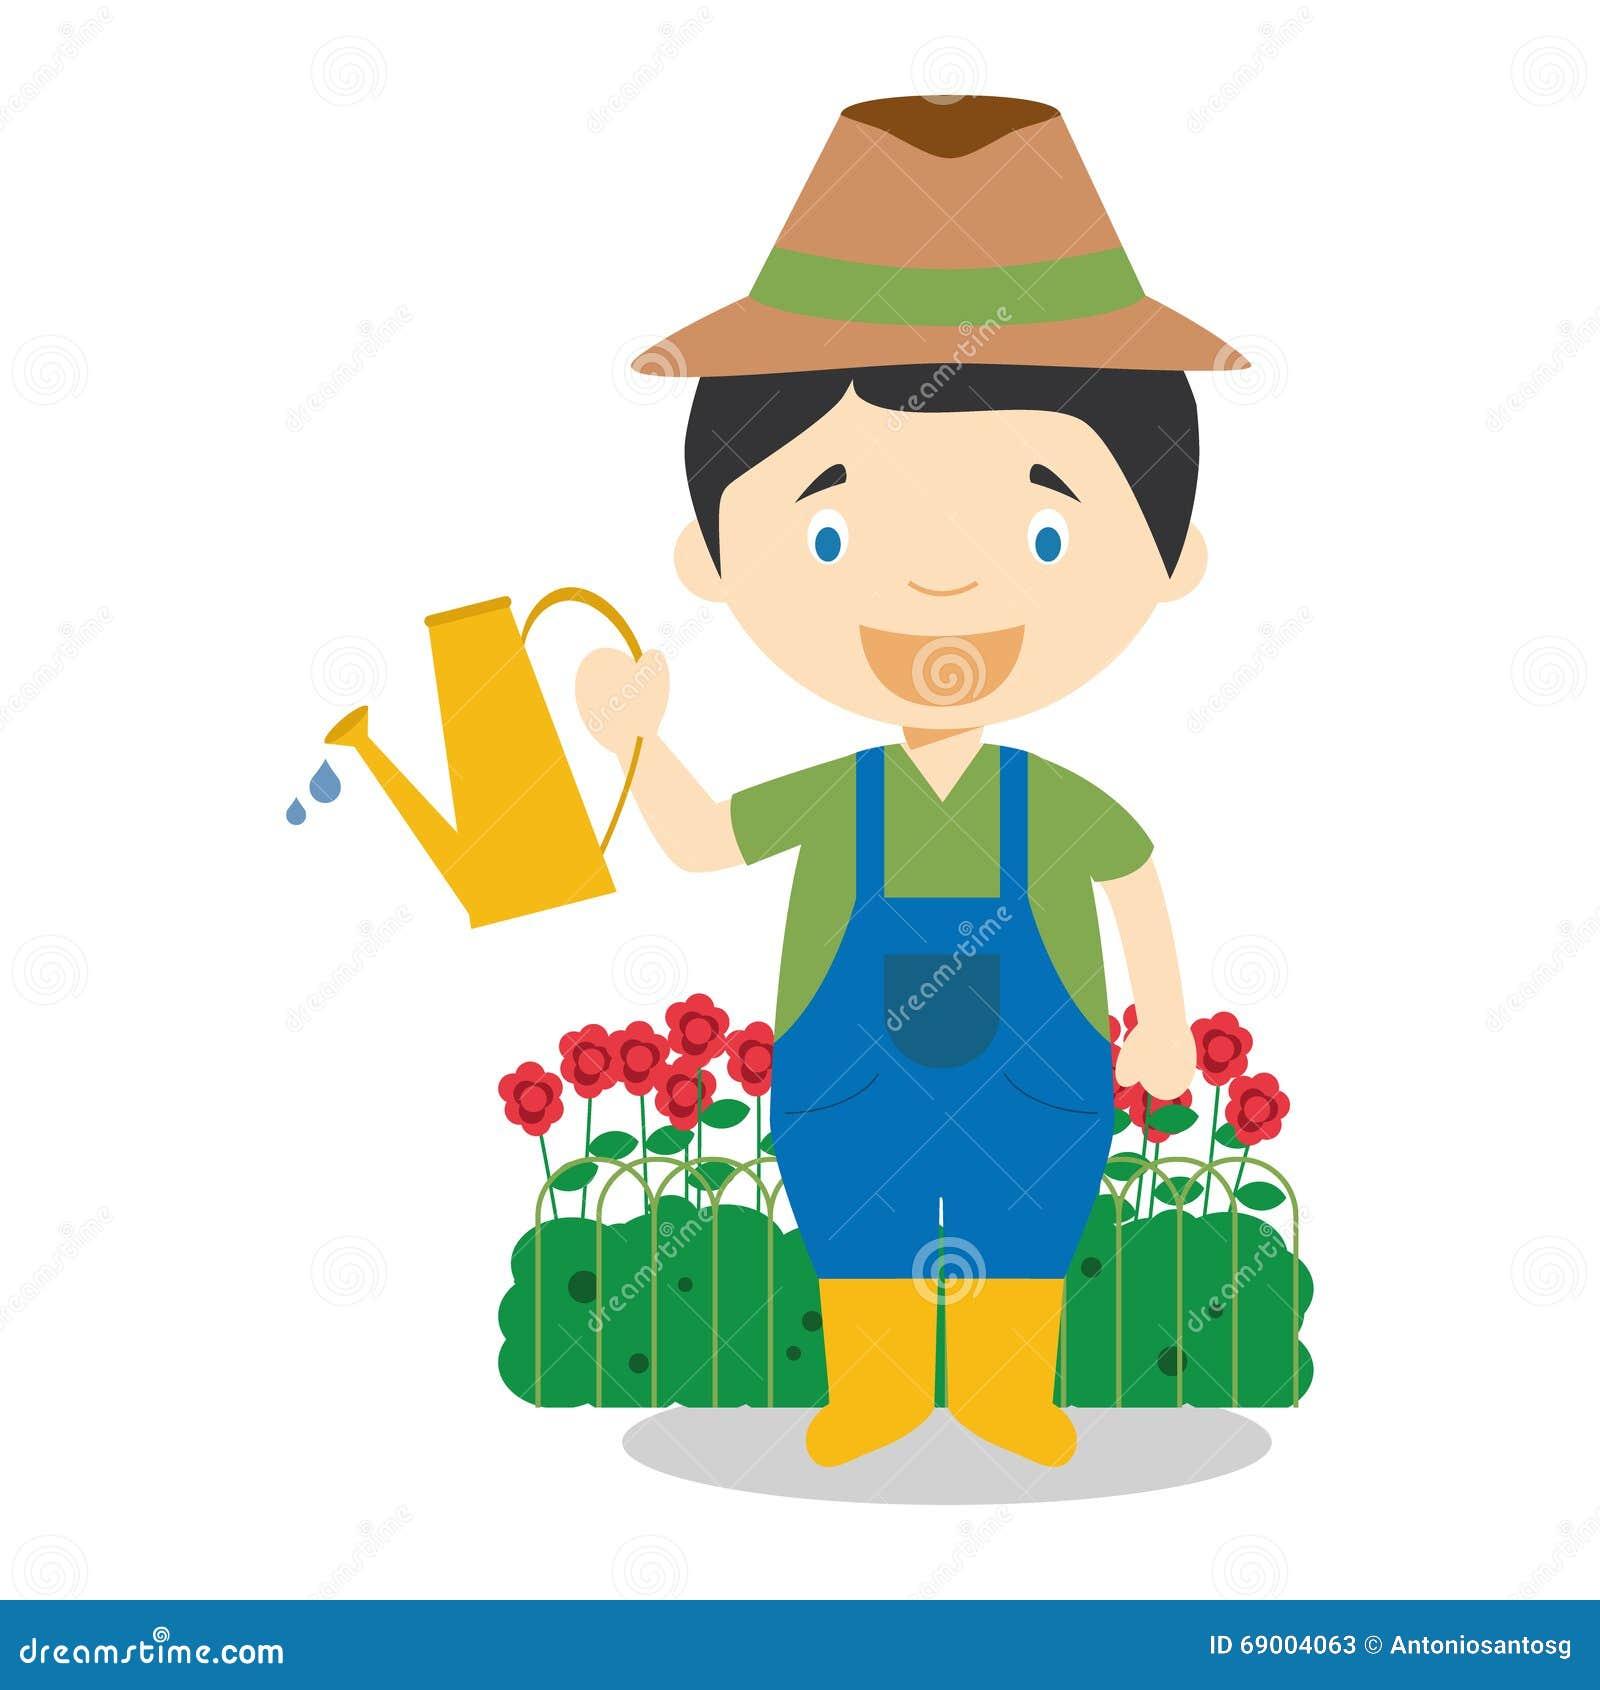 Cute Cartoon Vector Illustration Of A Gardener Stock ...